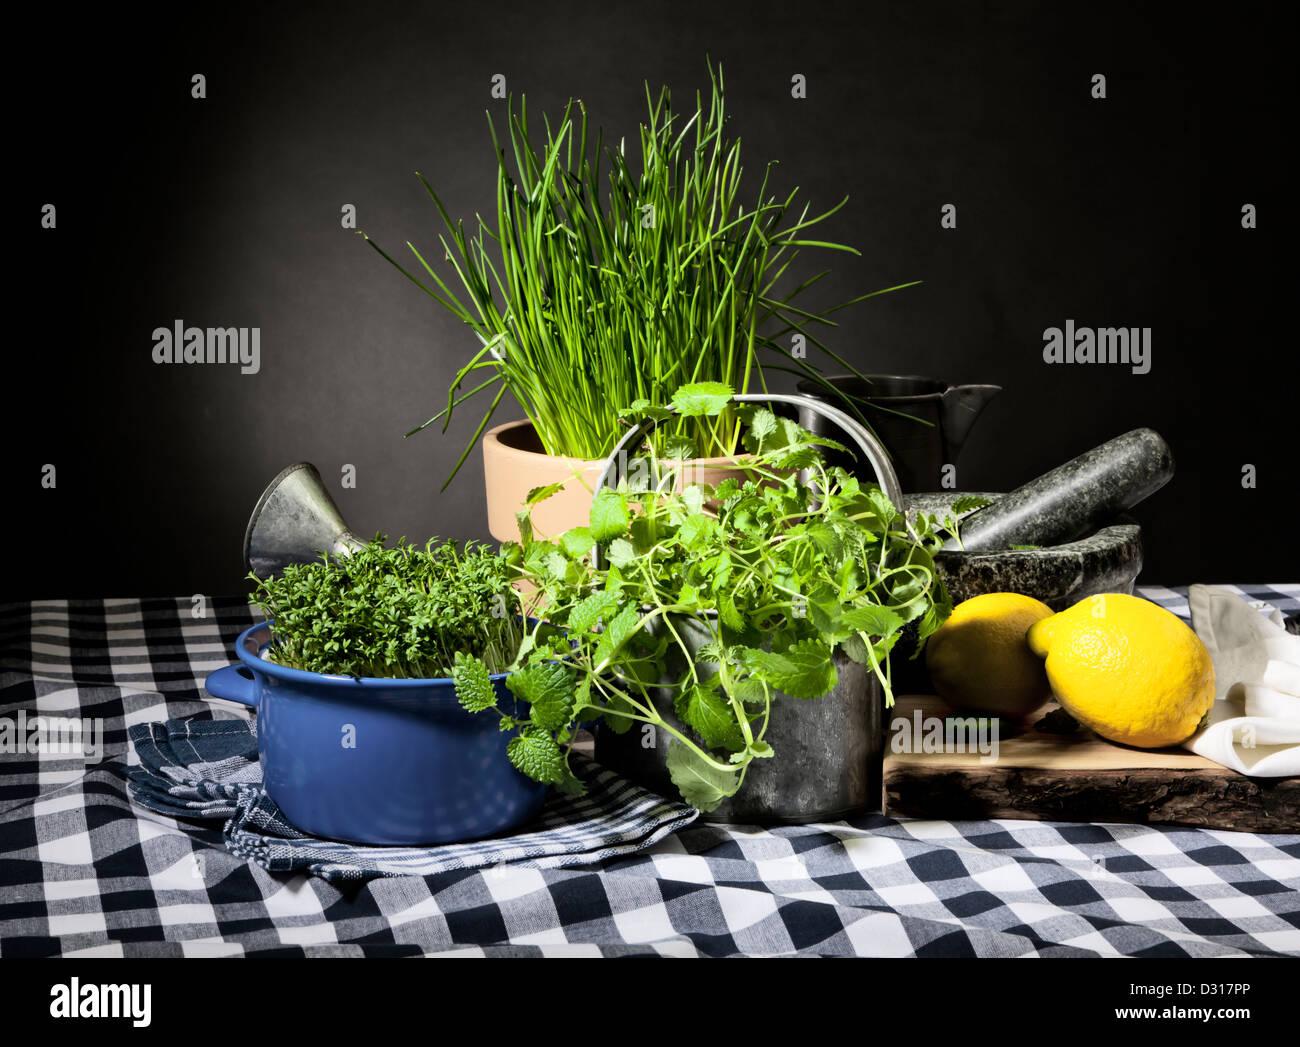 Bodegón con hierbas frescas y utensilios de cocina. Imagen De Stock